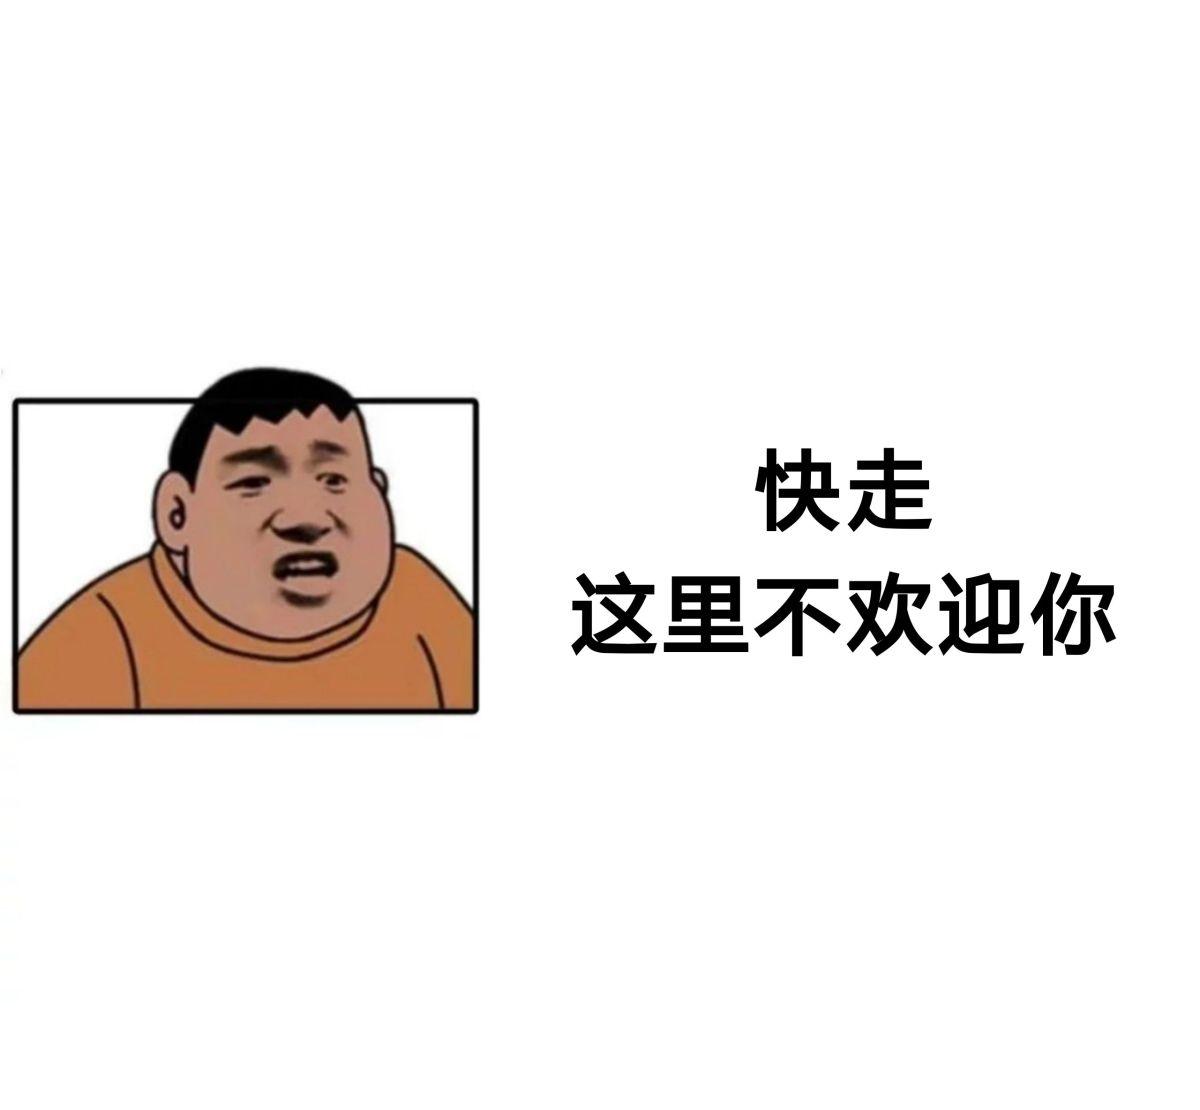 简约微信朋友圈搞笑封面背景配图